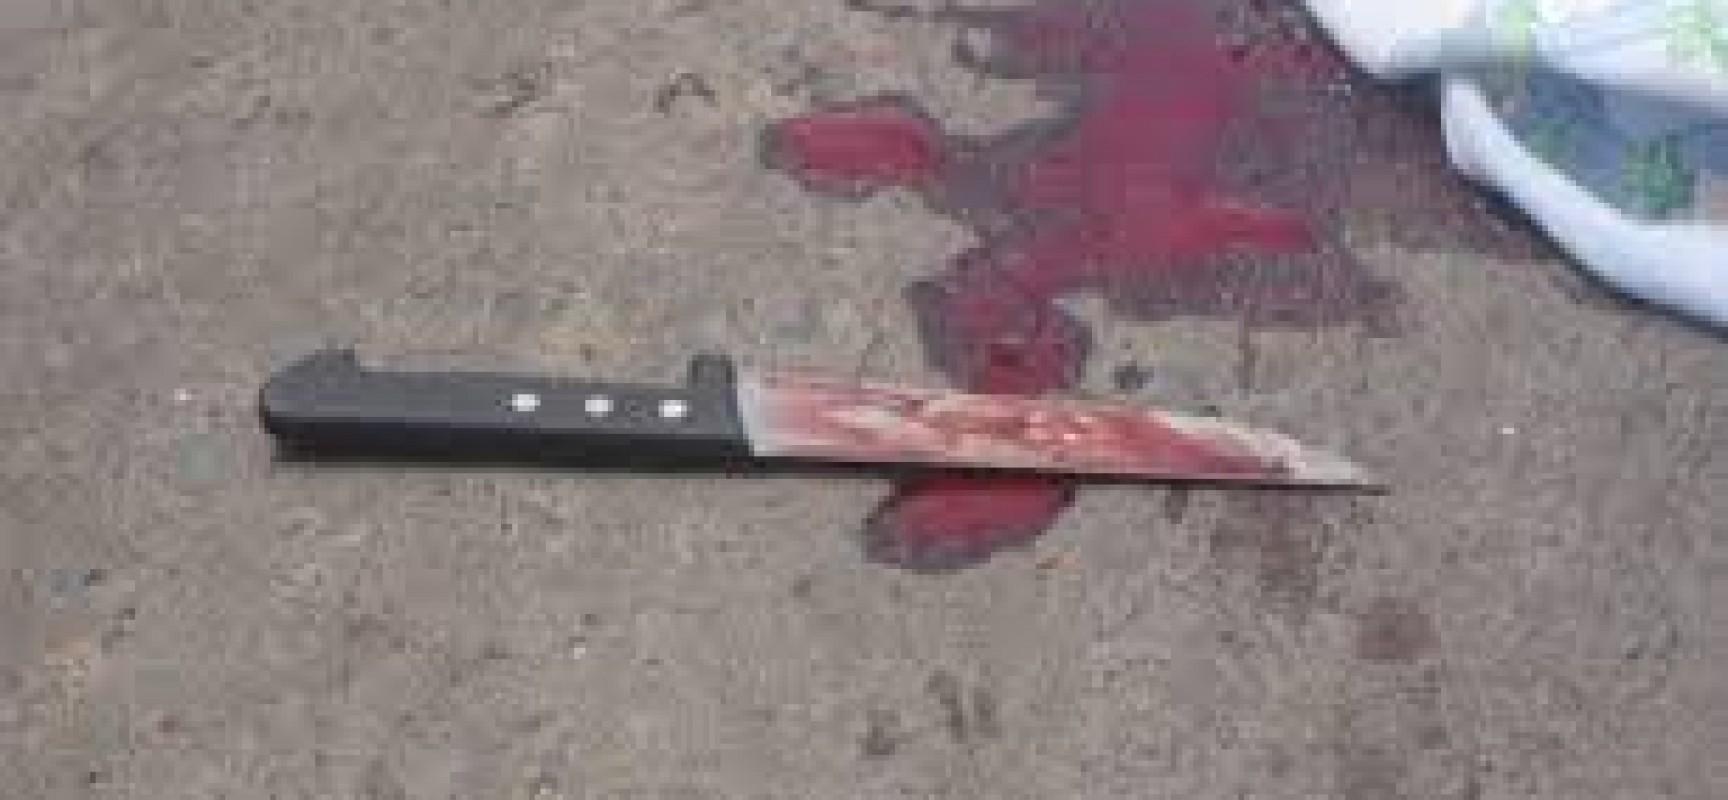 Homem é assassinado e familia não comunica caso a policia